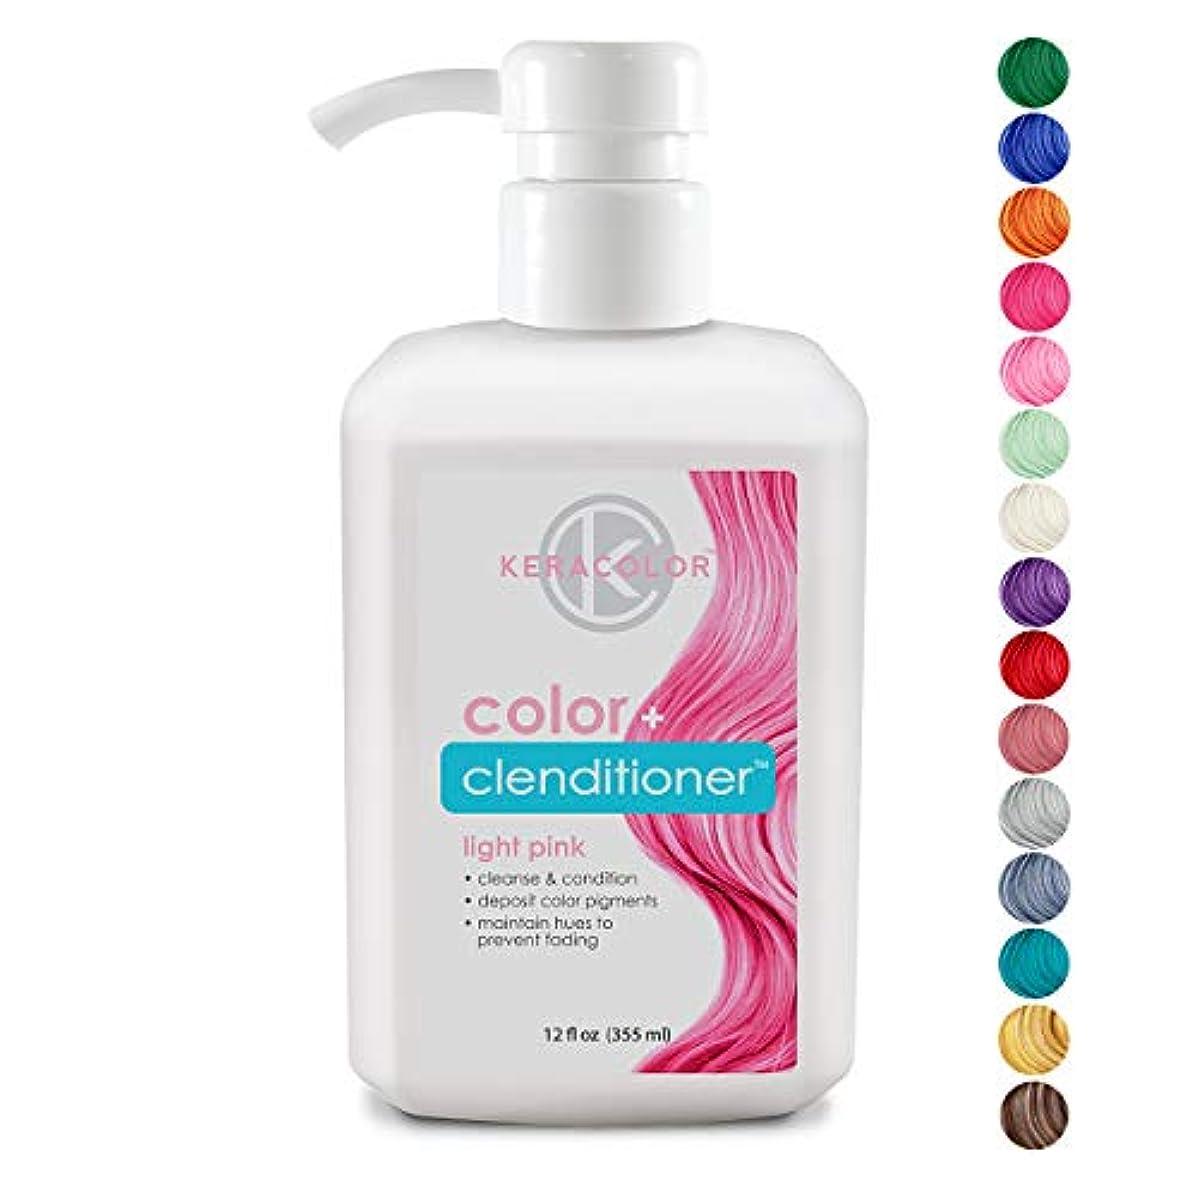 教育学不実書誌KERACOLOR Keracolor Clenditioner色の堆積コンディショナーColorwash、12 FL。オンス 12オンス ライトピンク